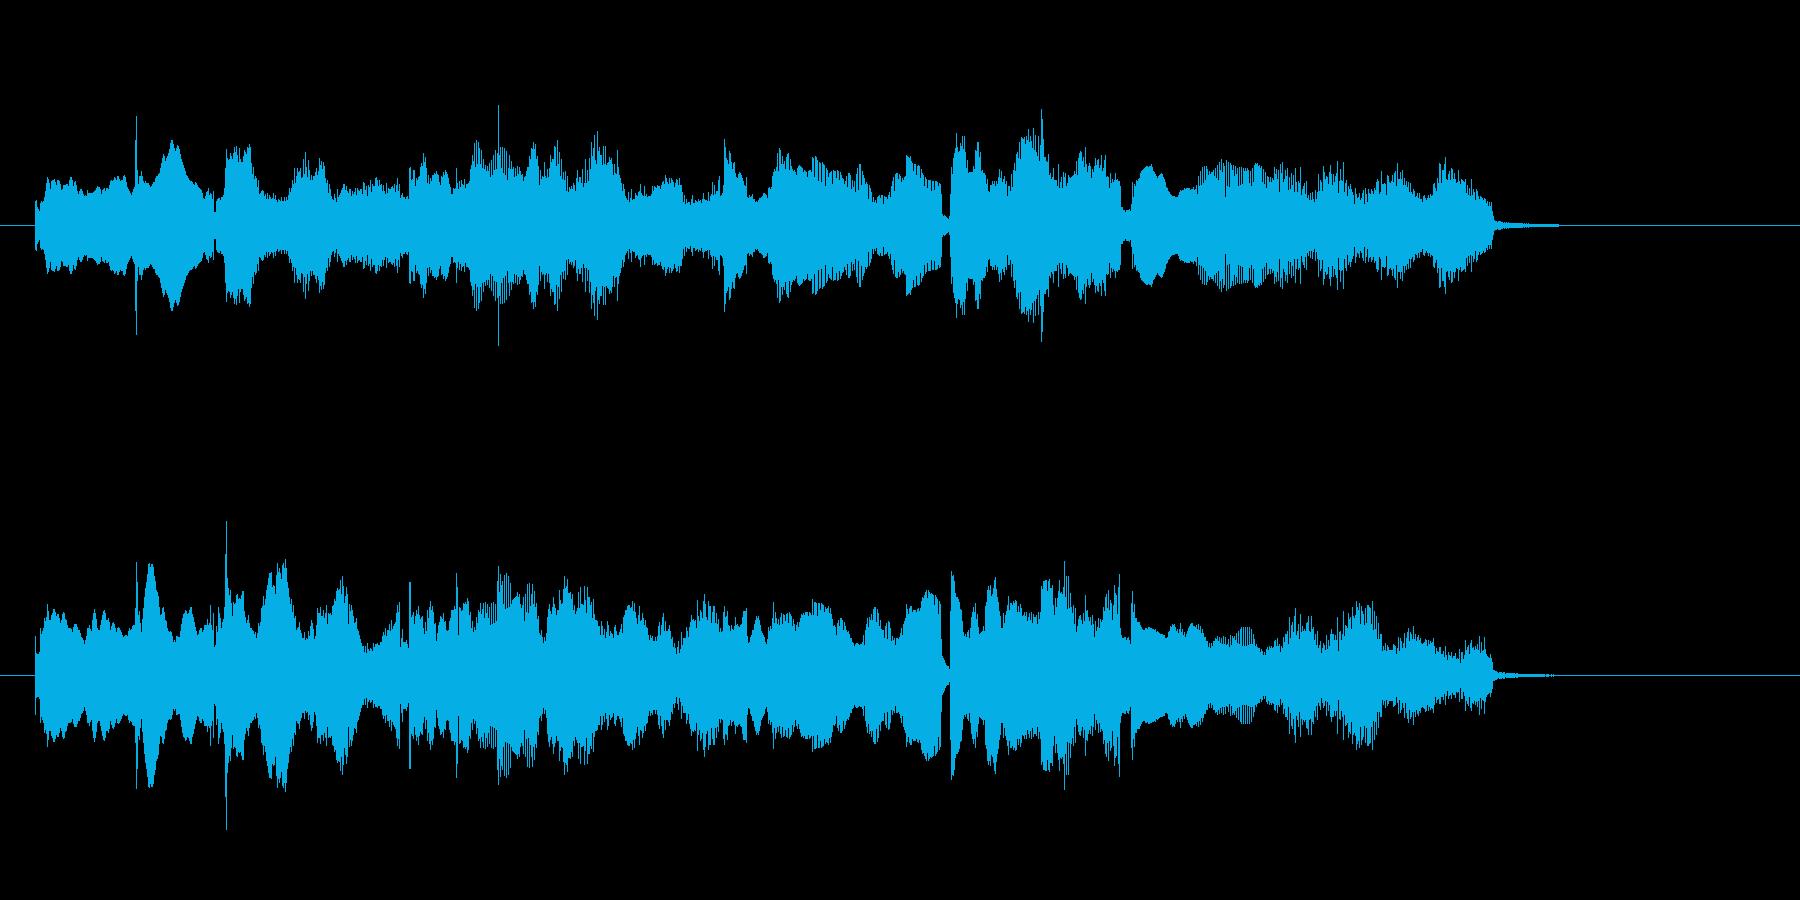 きらびやかなエレピソロによるジングルの再生済みの波形